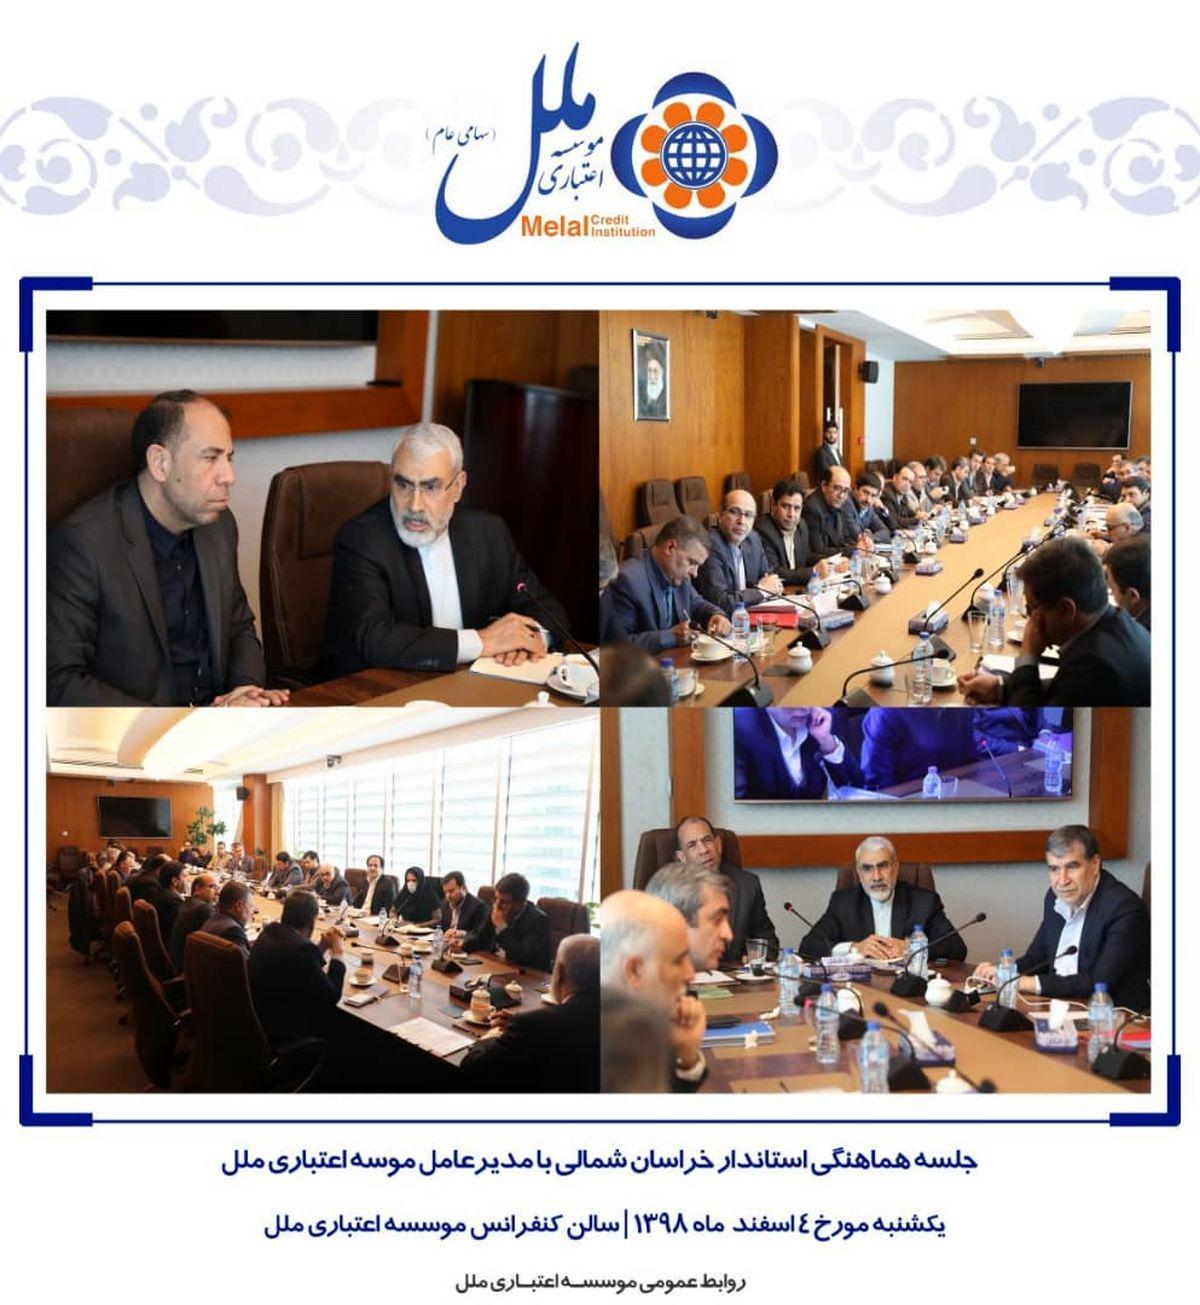 جلسه استاندار خراسان شمالی با مدیرعامل موسسه اعتباری ملل برای ایجاد اشتغال در استان